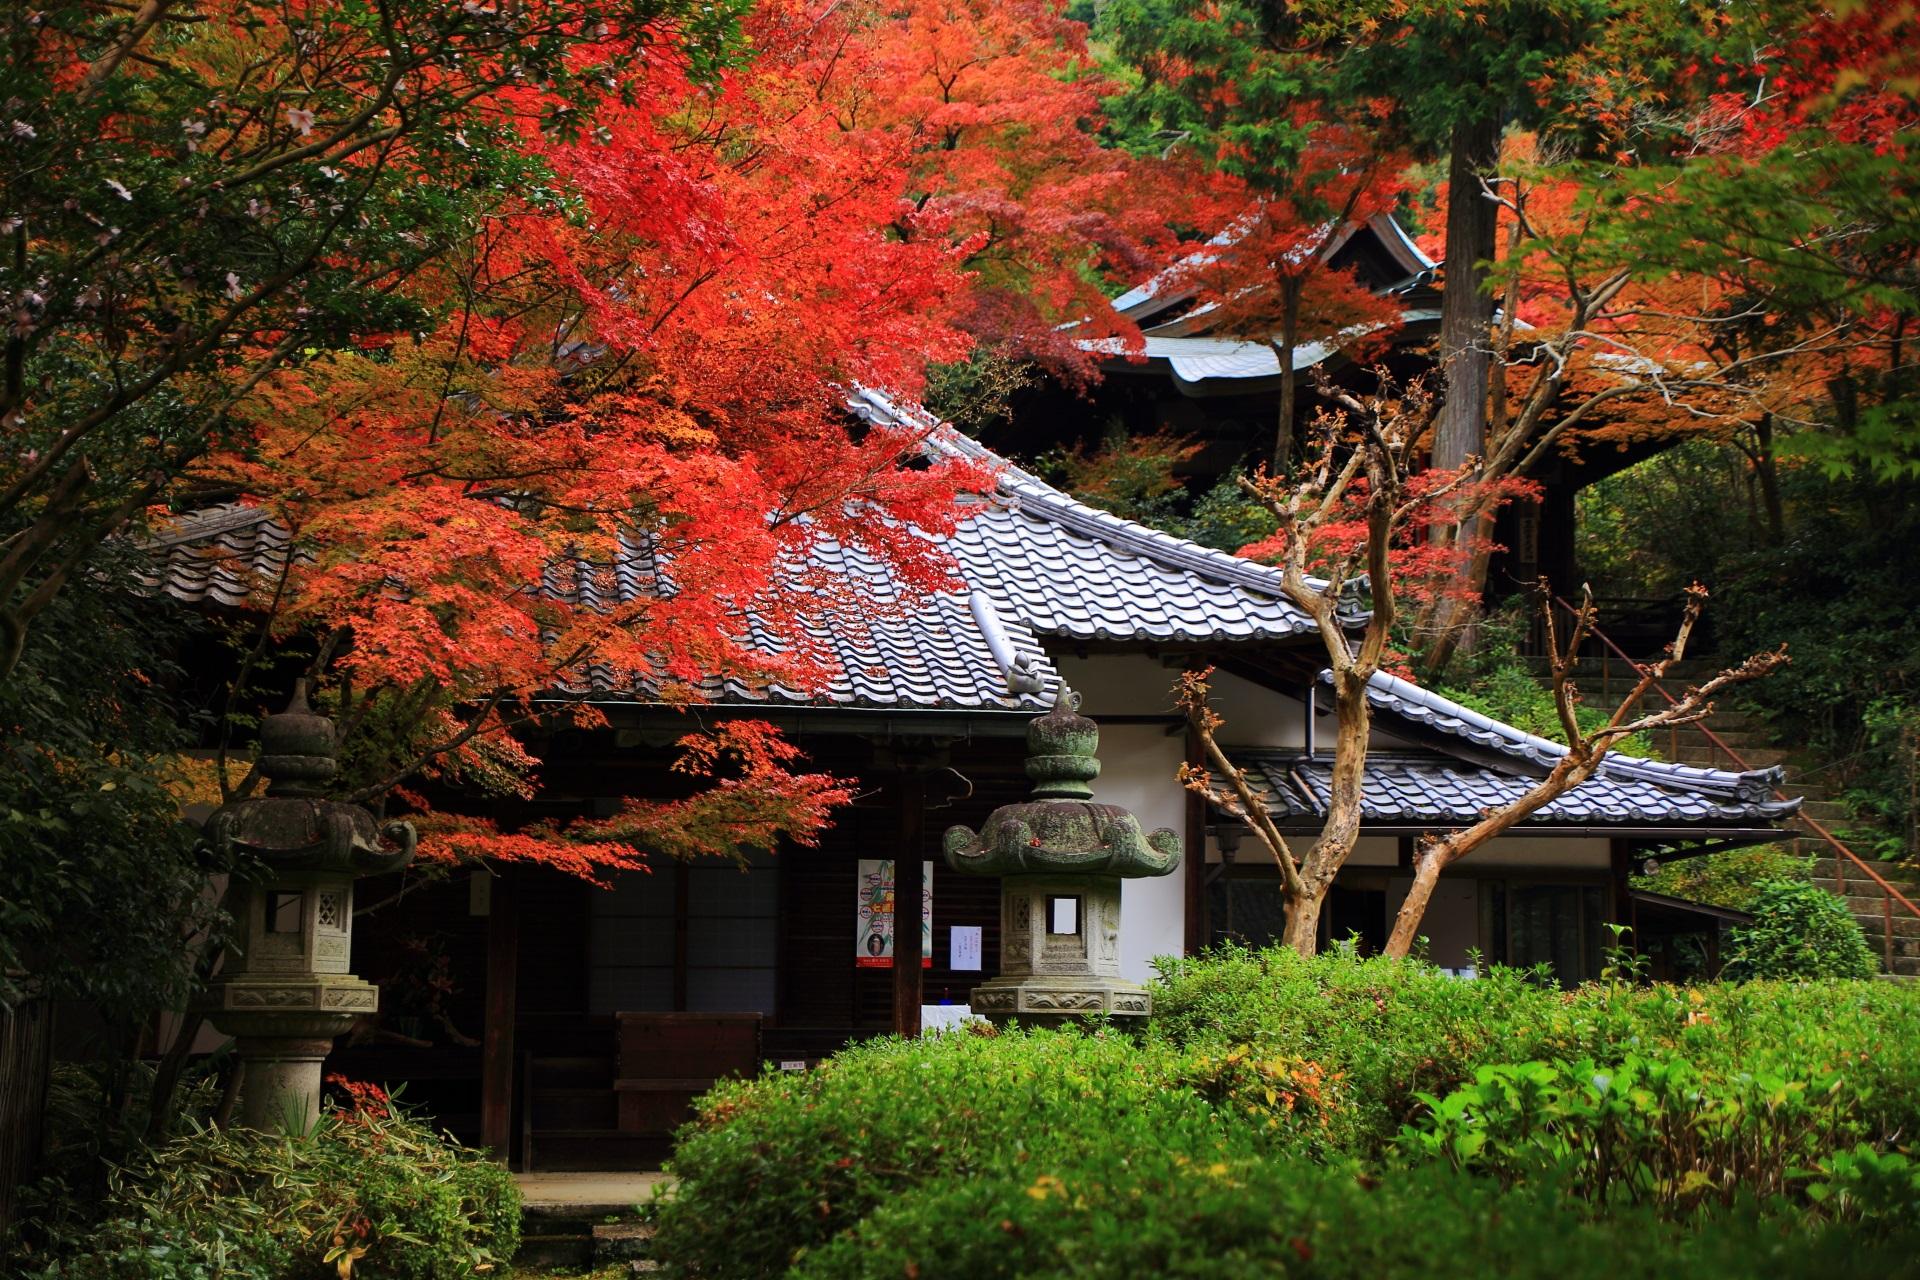 鮮やかな紅葉につつまれる来迎院の本堂と後ろの荒神堂